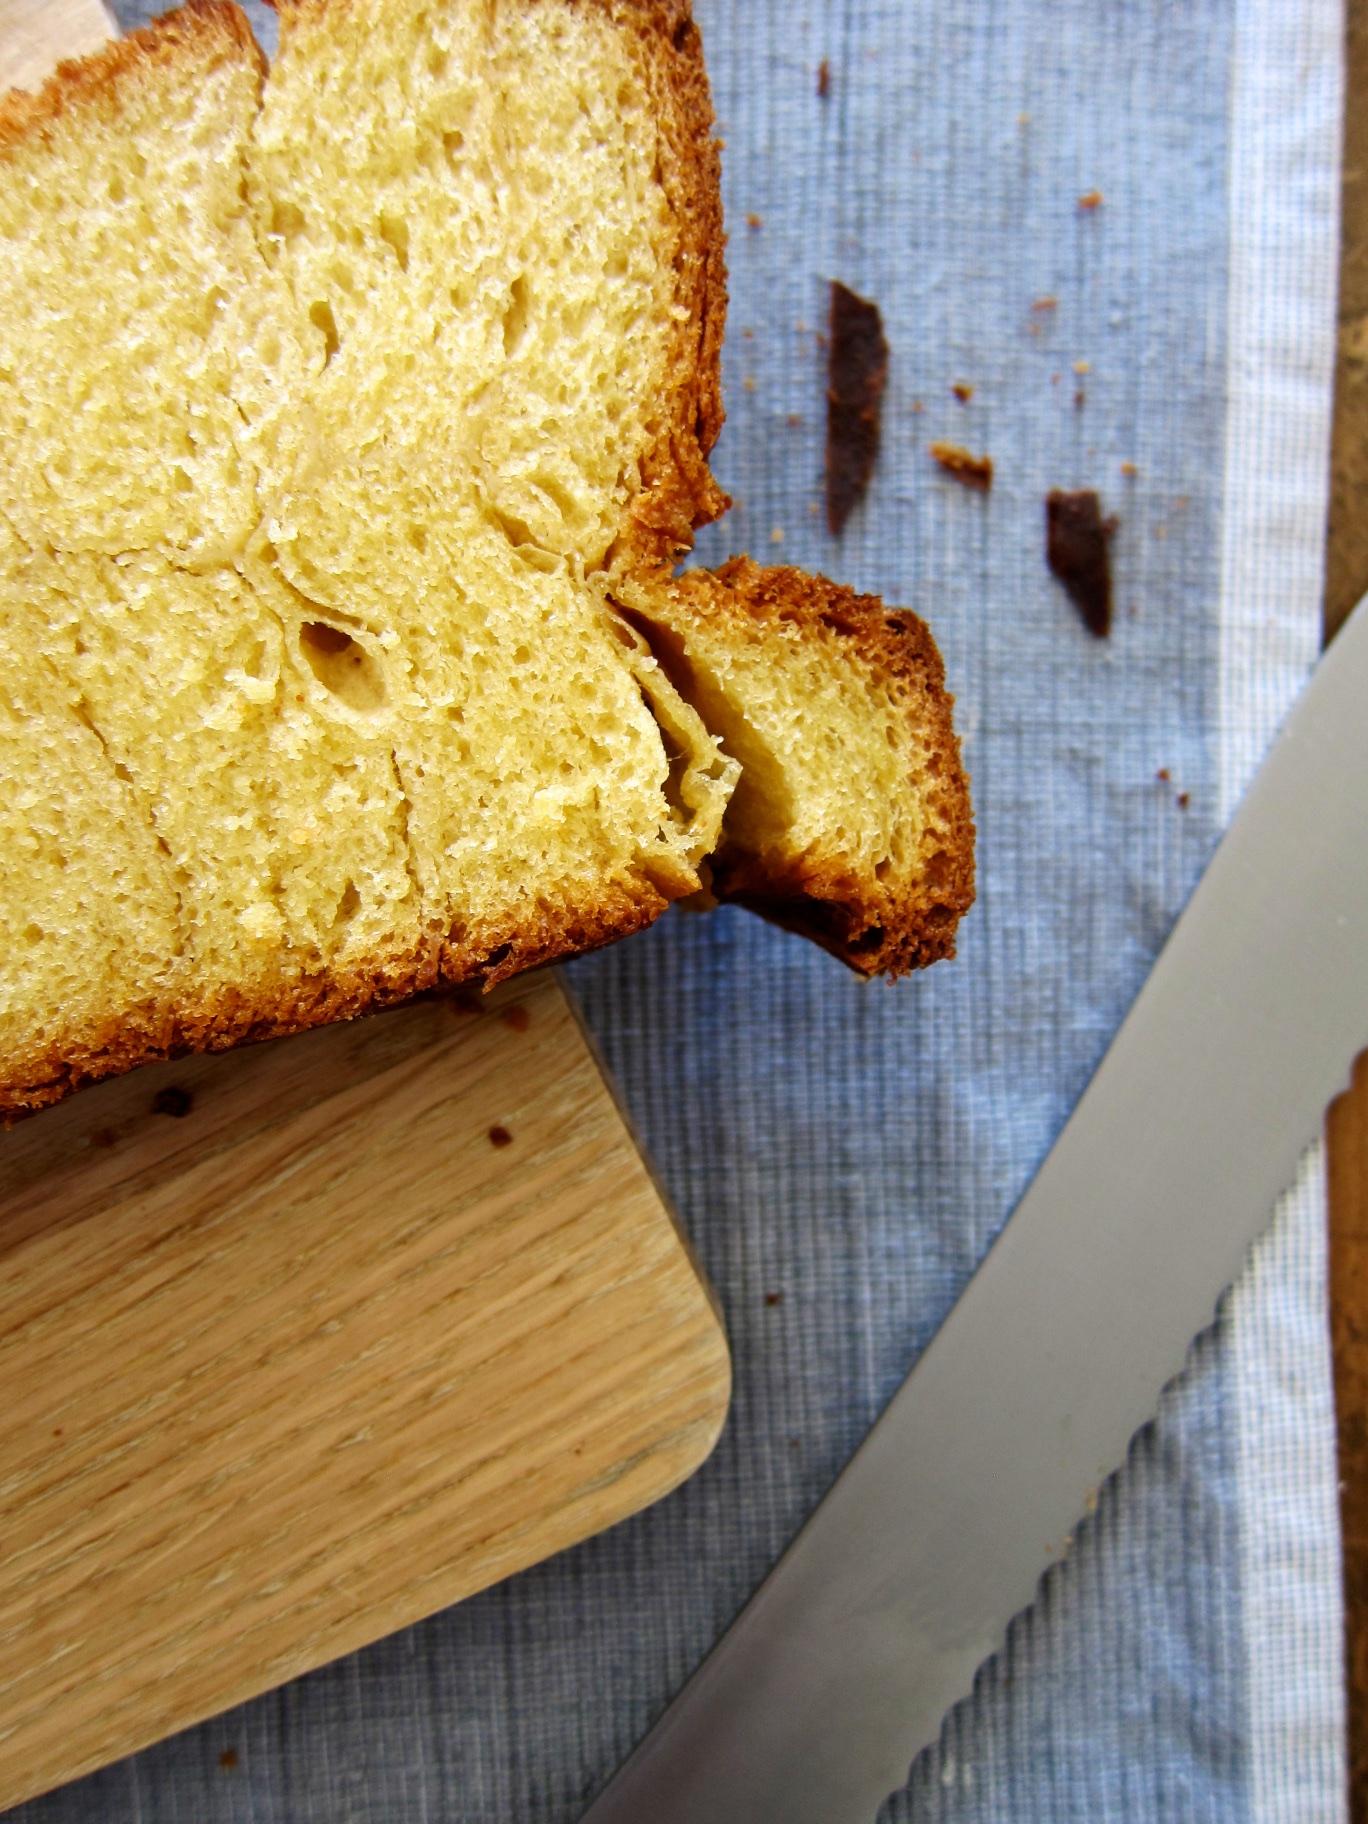 CroissantLoaf_9.jpg